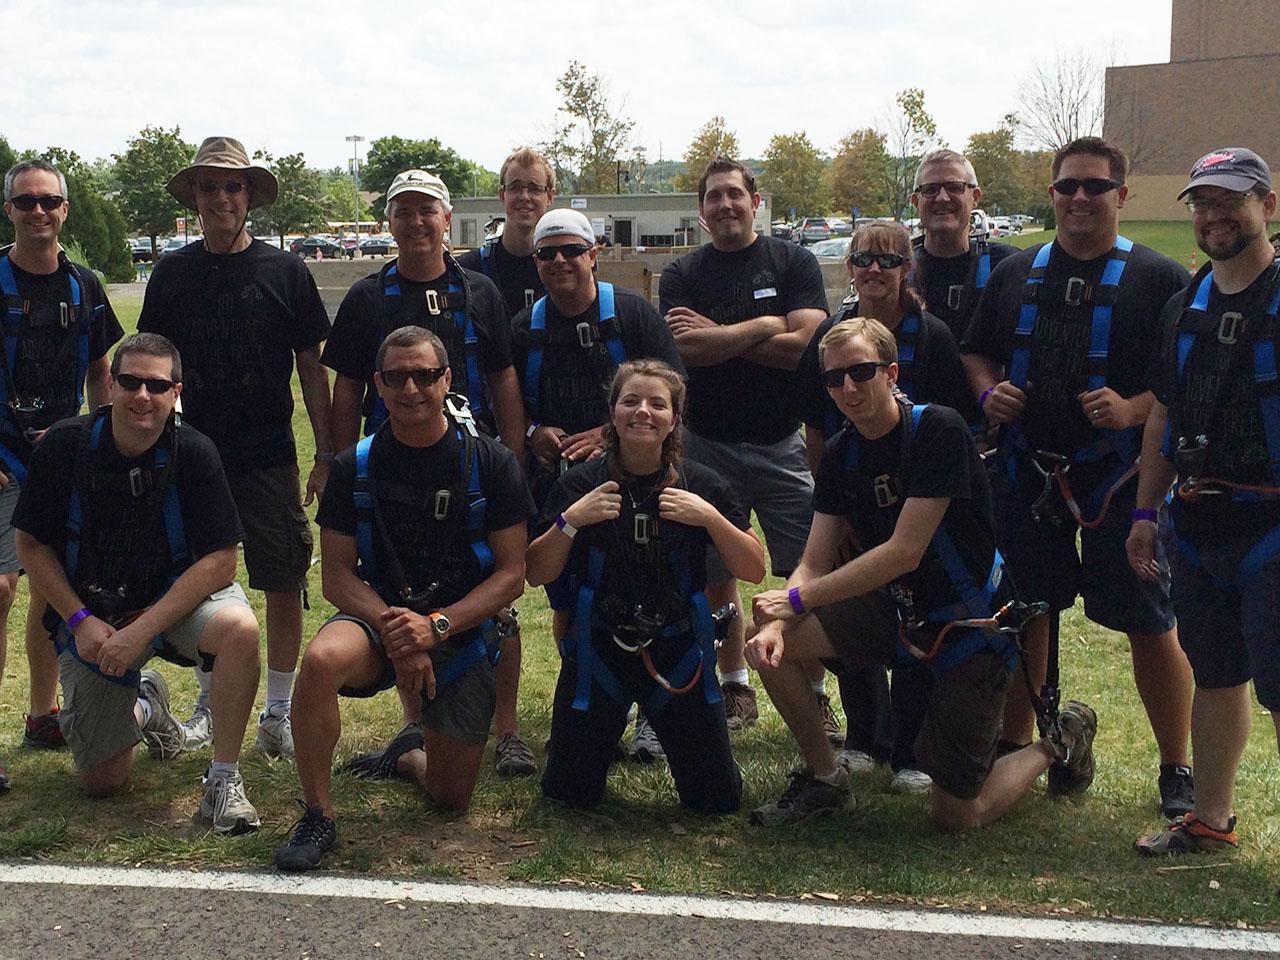 IGI careers team high ropes adventure